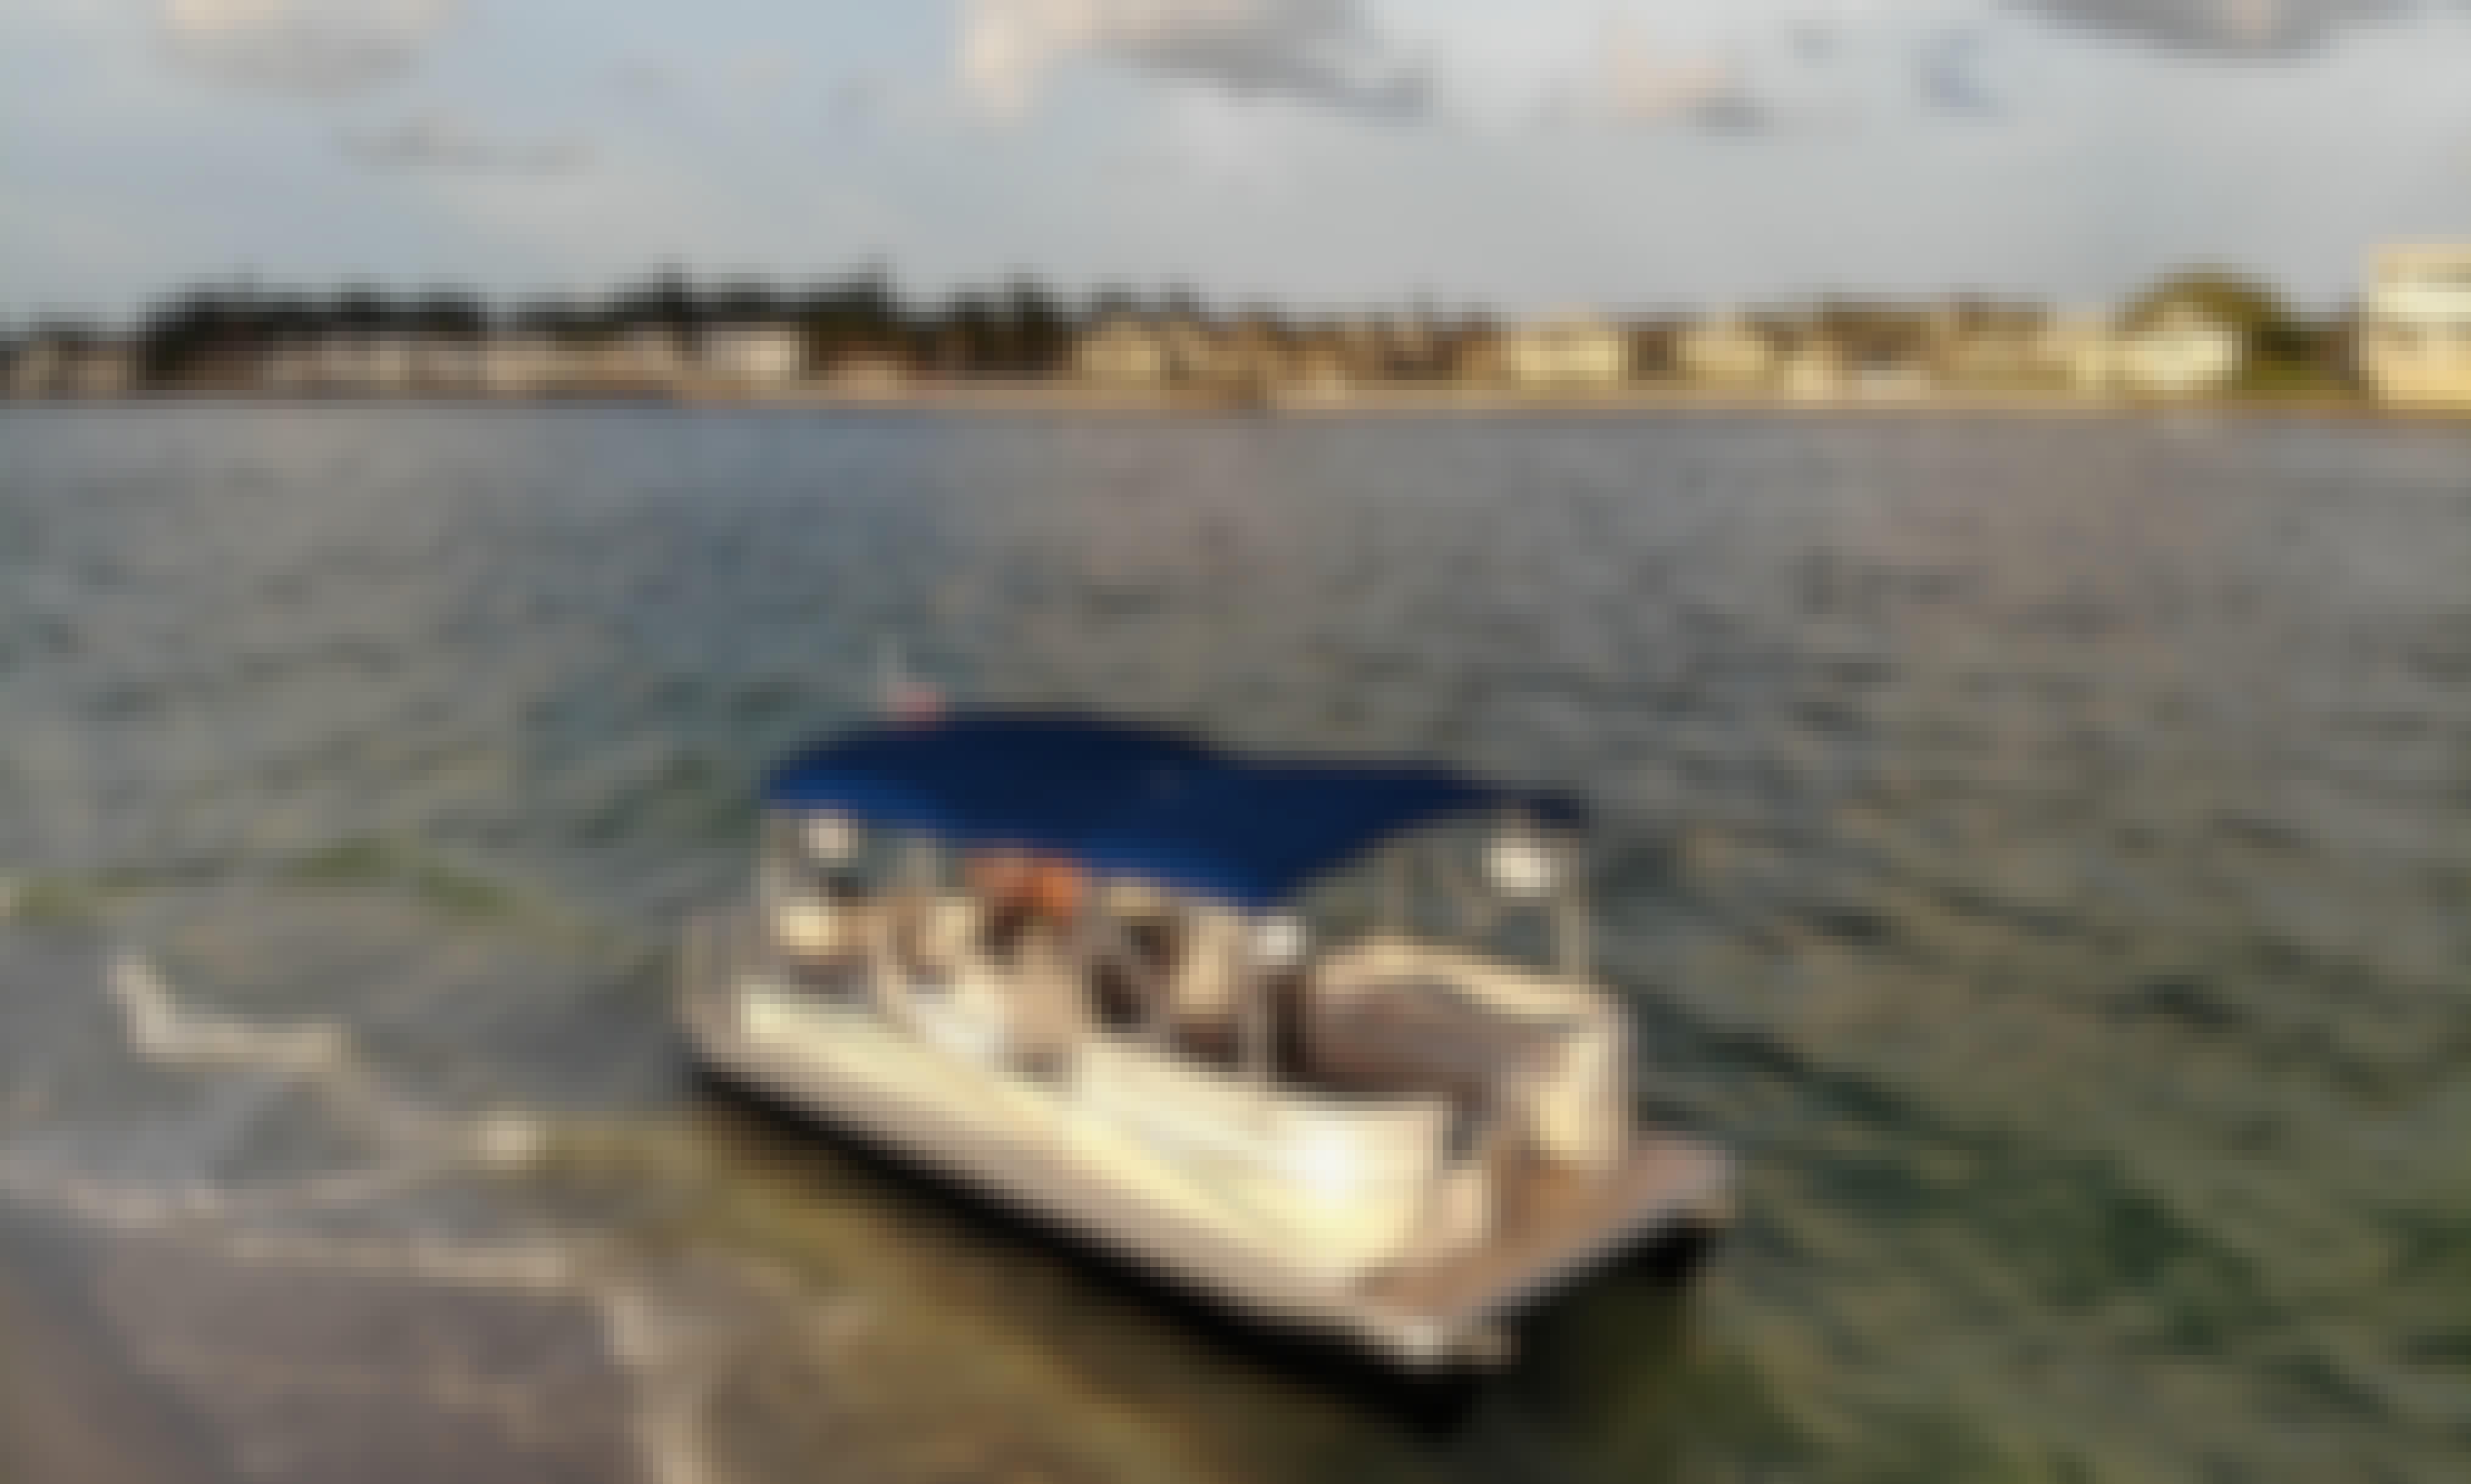 23' Sweetwater Pontoon Rental in Sarasota, Florida